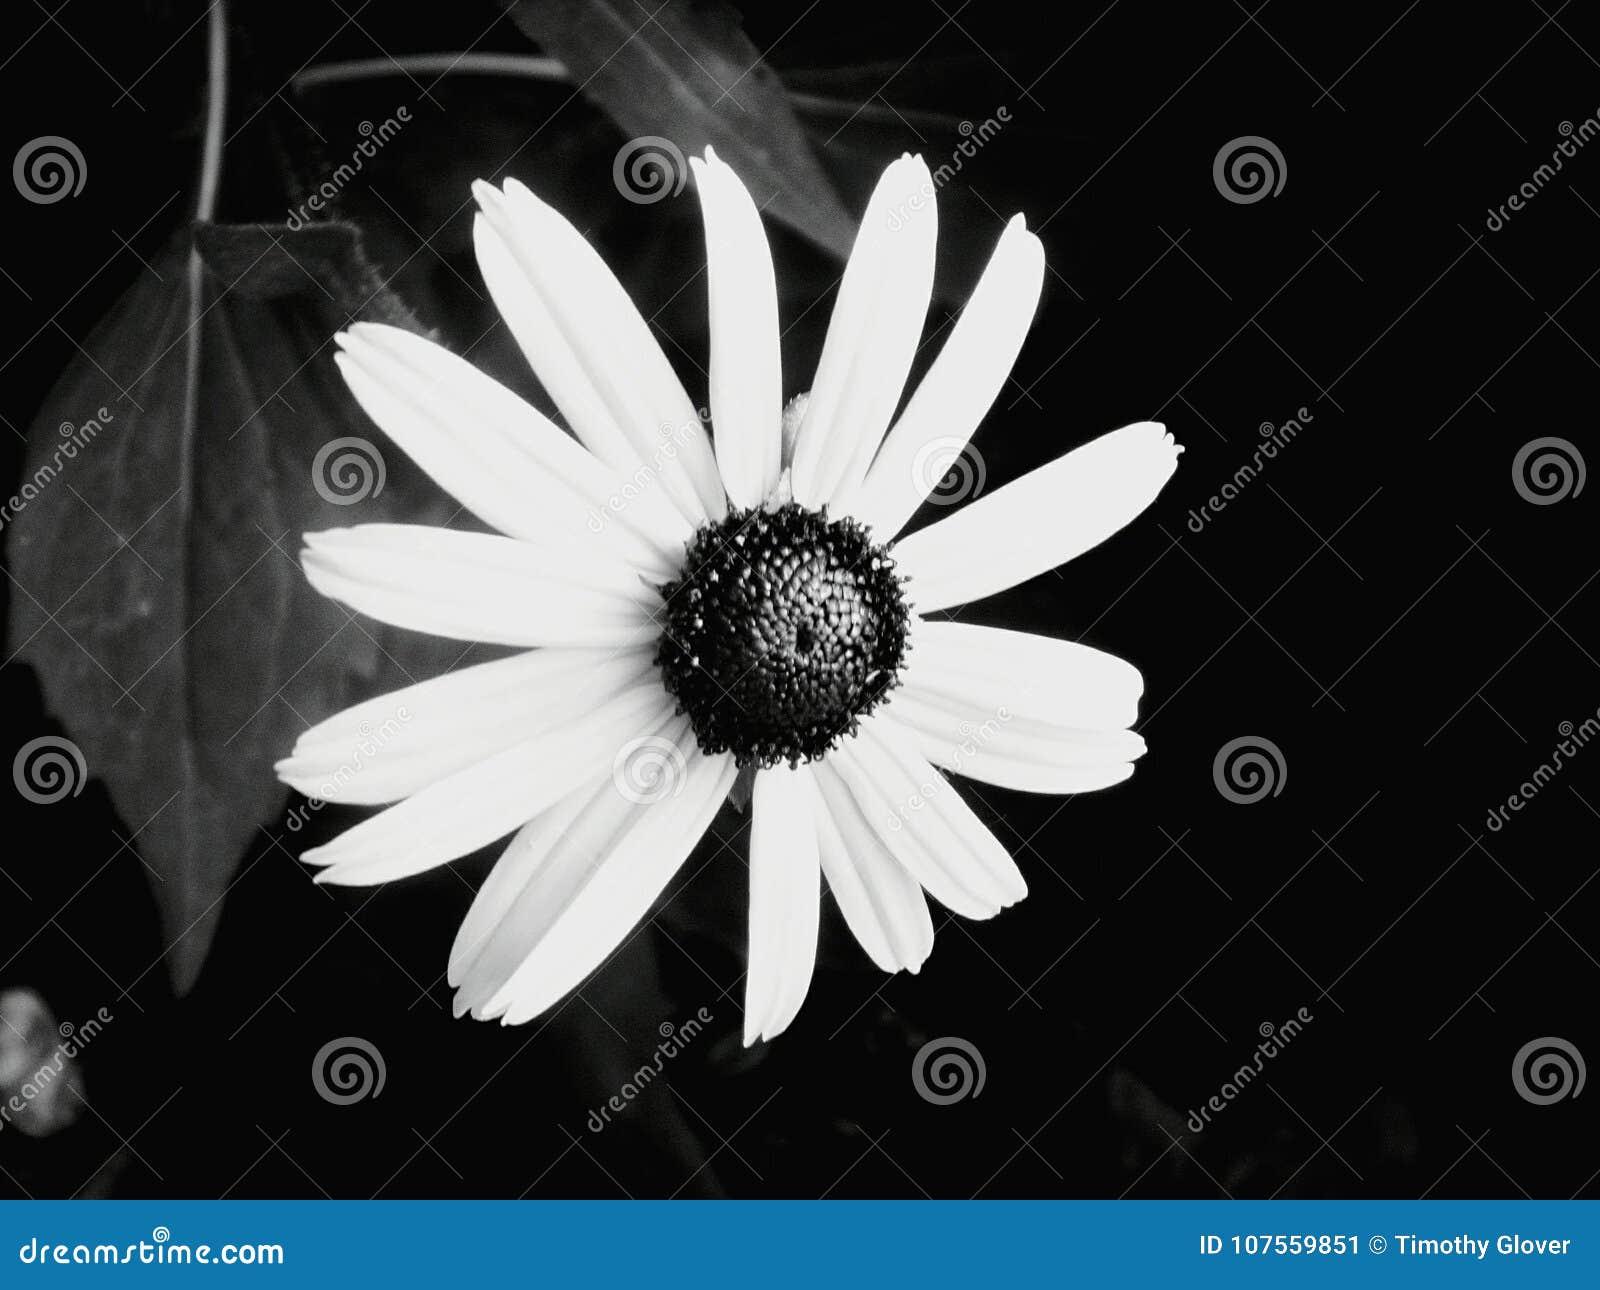 Girasol Blanco Y Negro Imagen De Archivo Imagen De Blanco 107559851